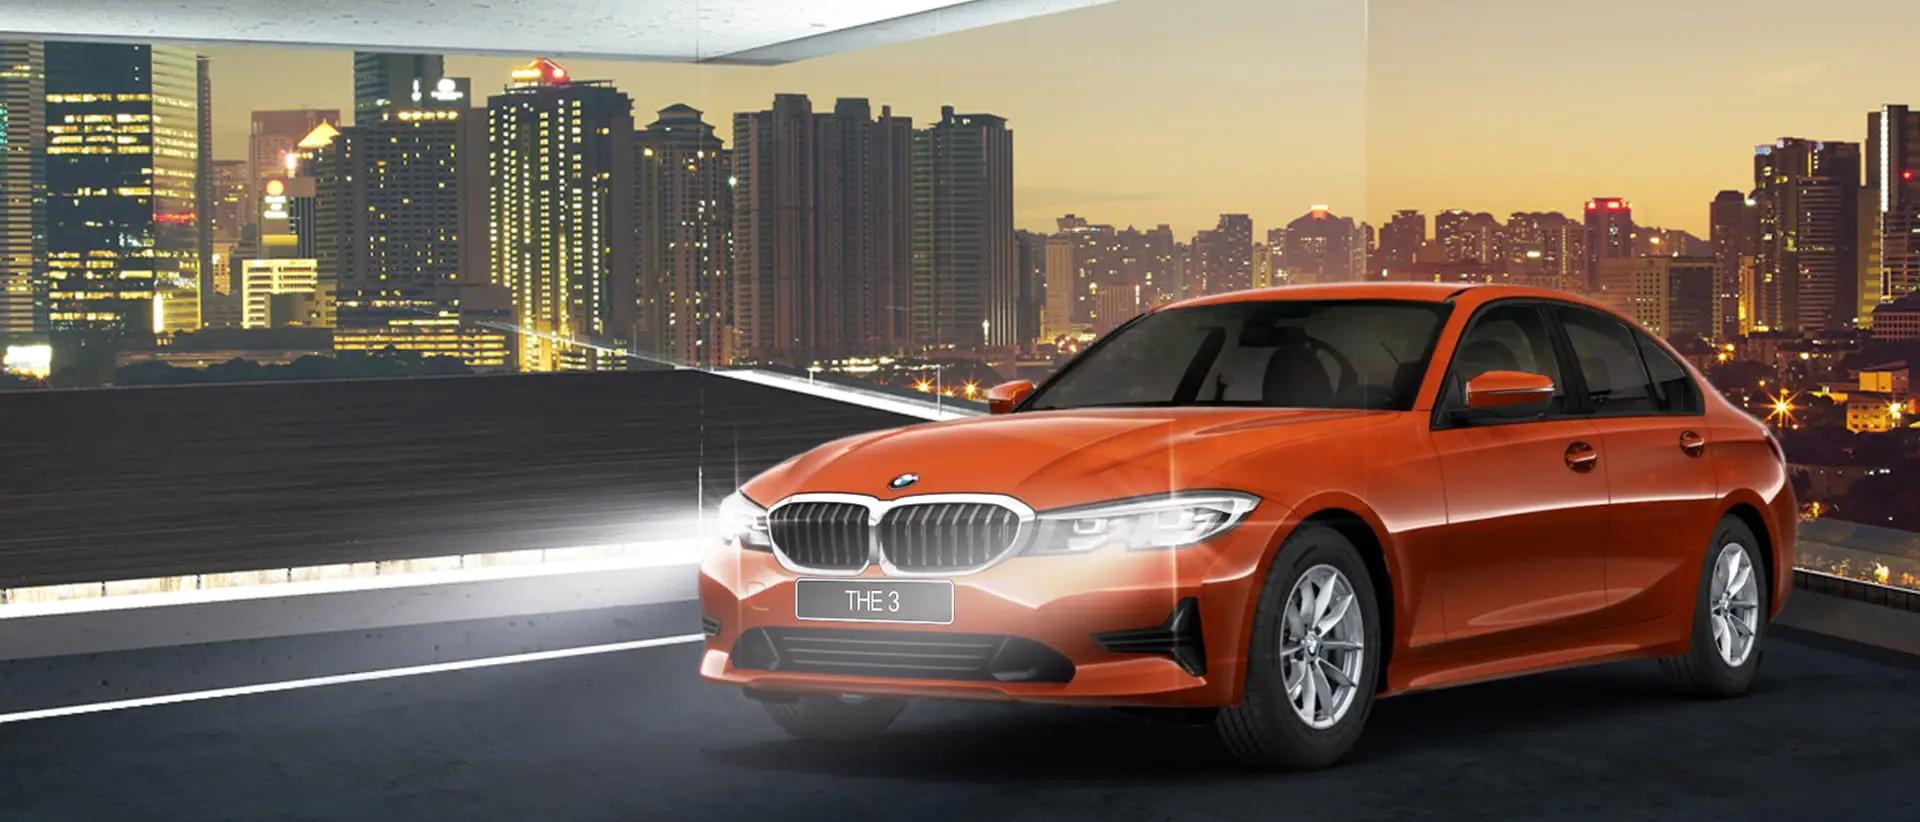 Купить новый БМВ Х5М компетишн 2020-2021 в Москве в автосалоне официального дилера BMW Автодом Внуково